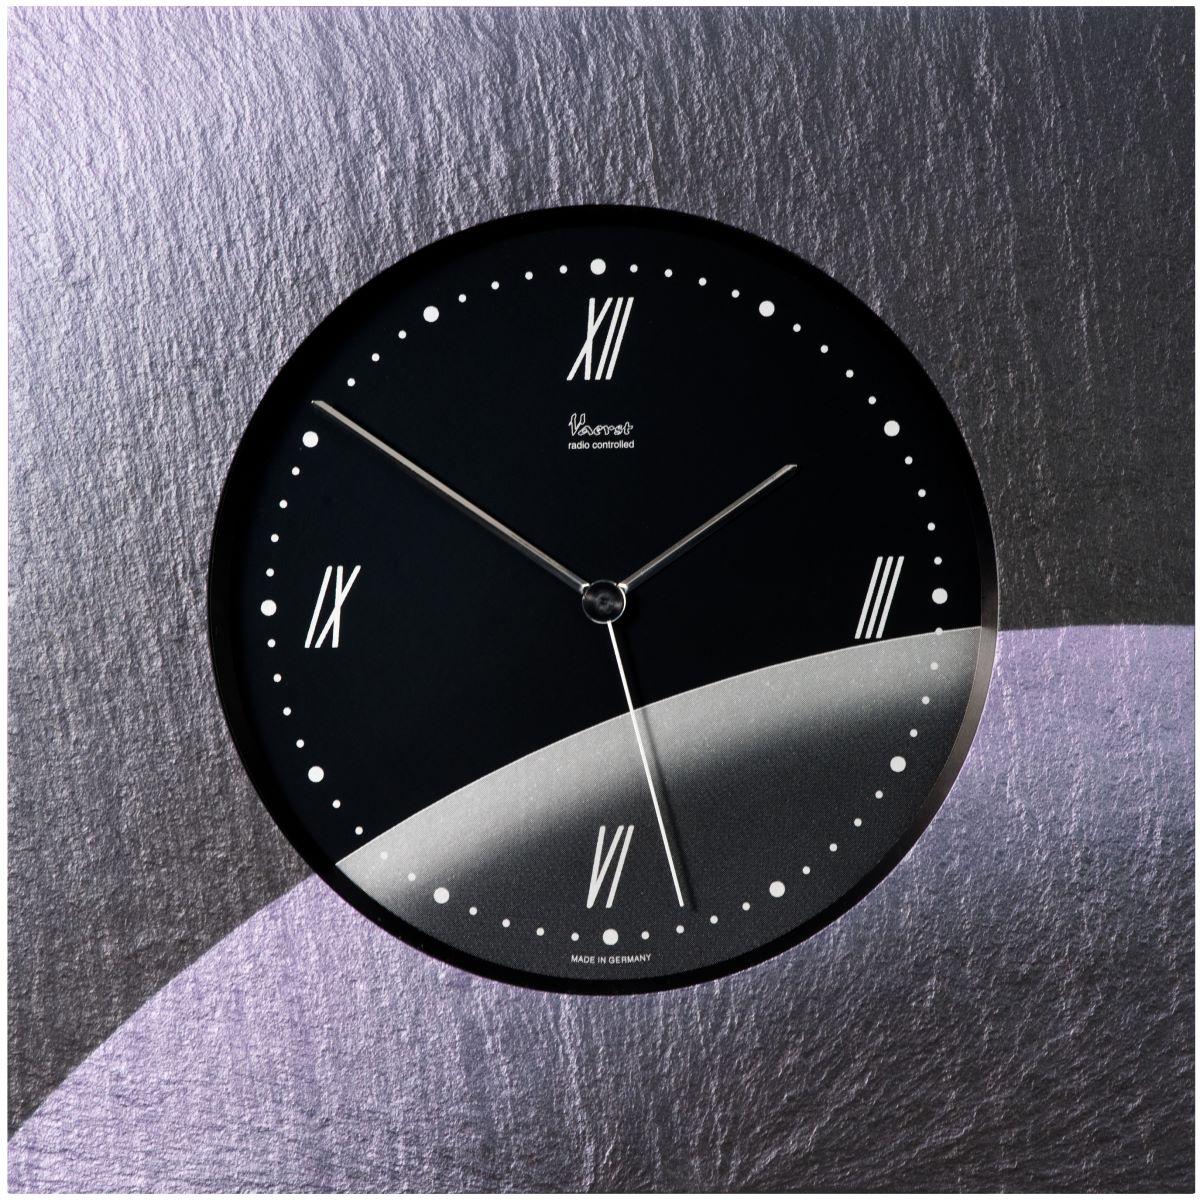 Bestücken Sie Ihre Wohnzimmerwand doch mit Funkuhren » Uhren Ratgeber